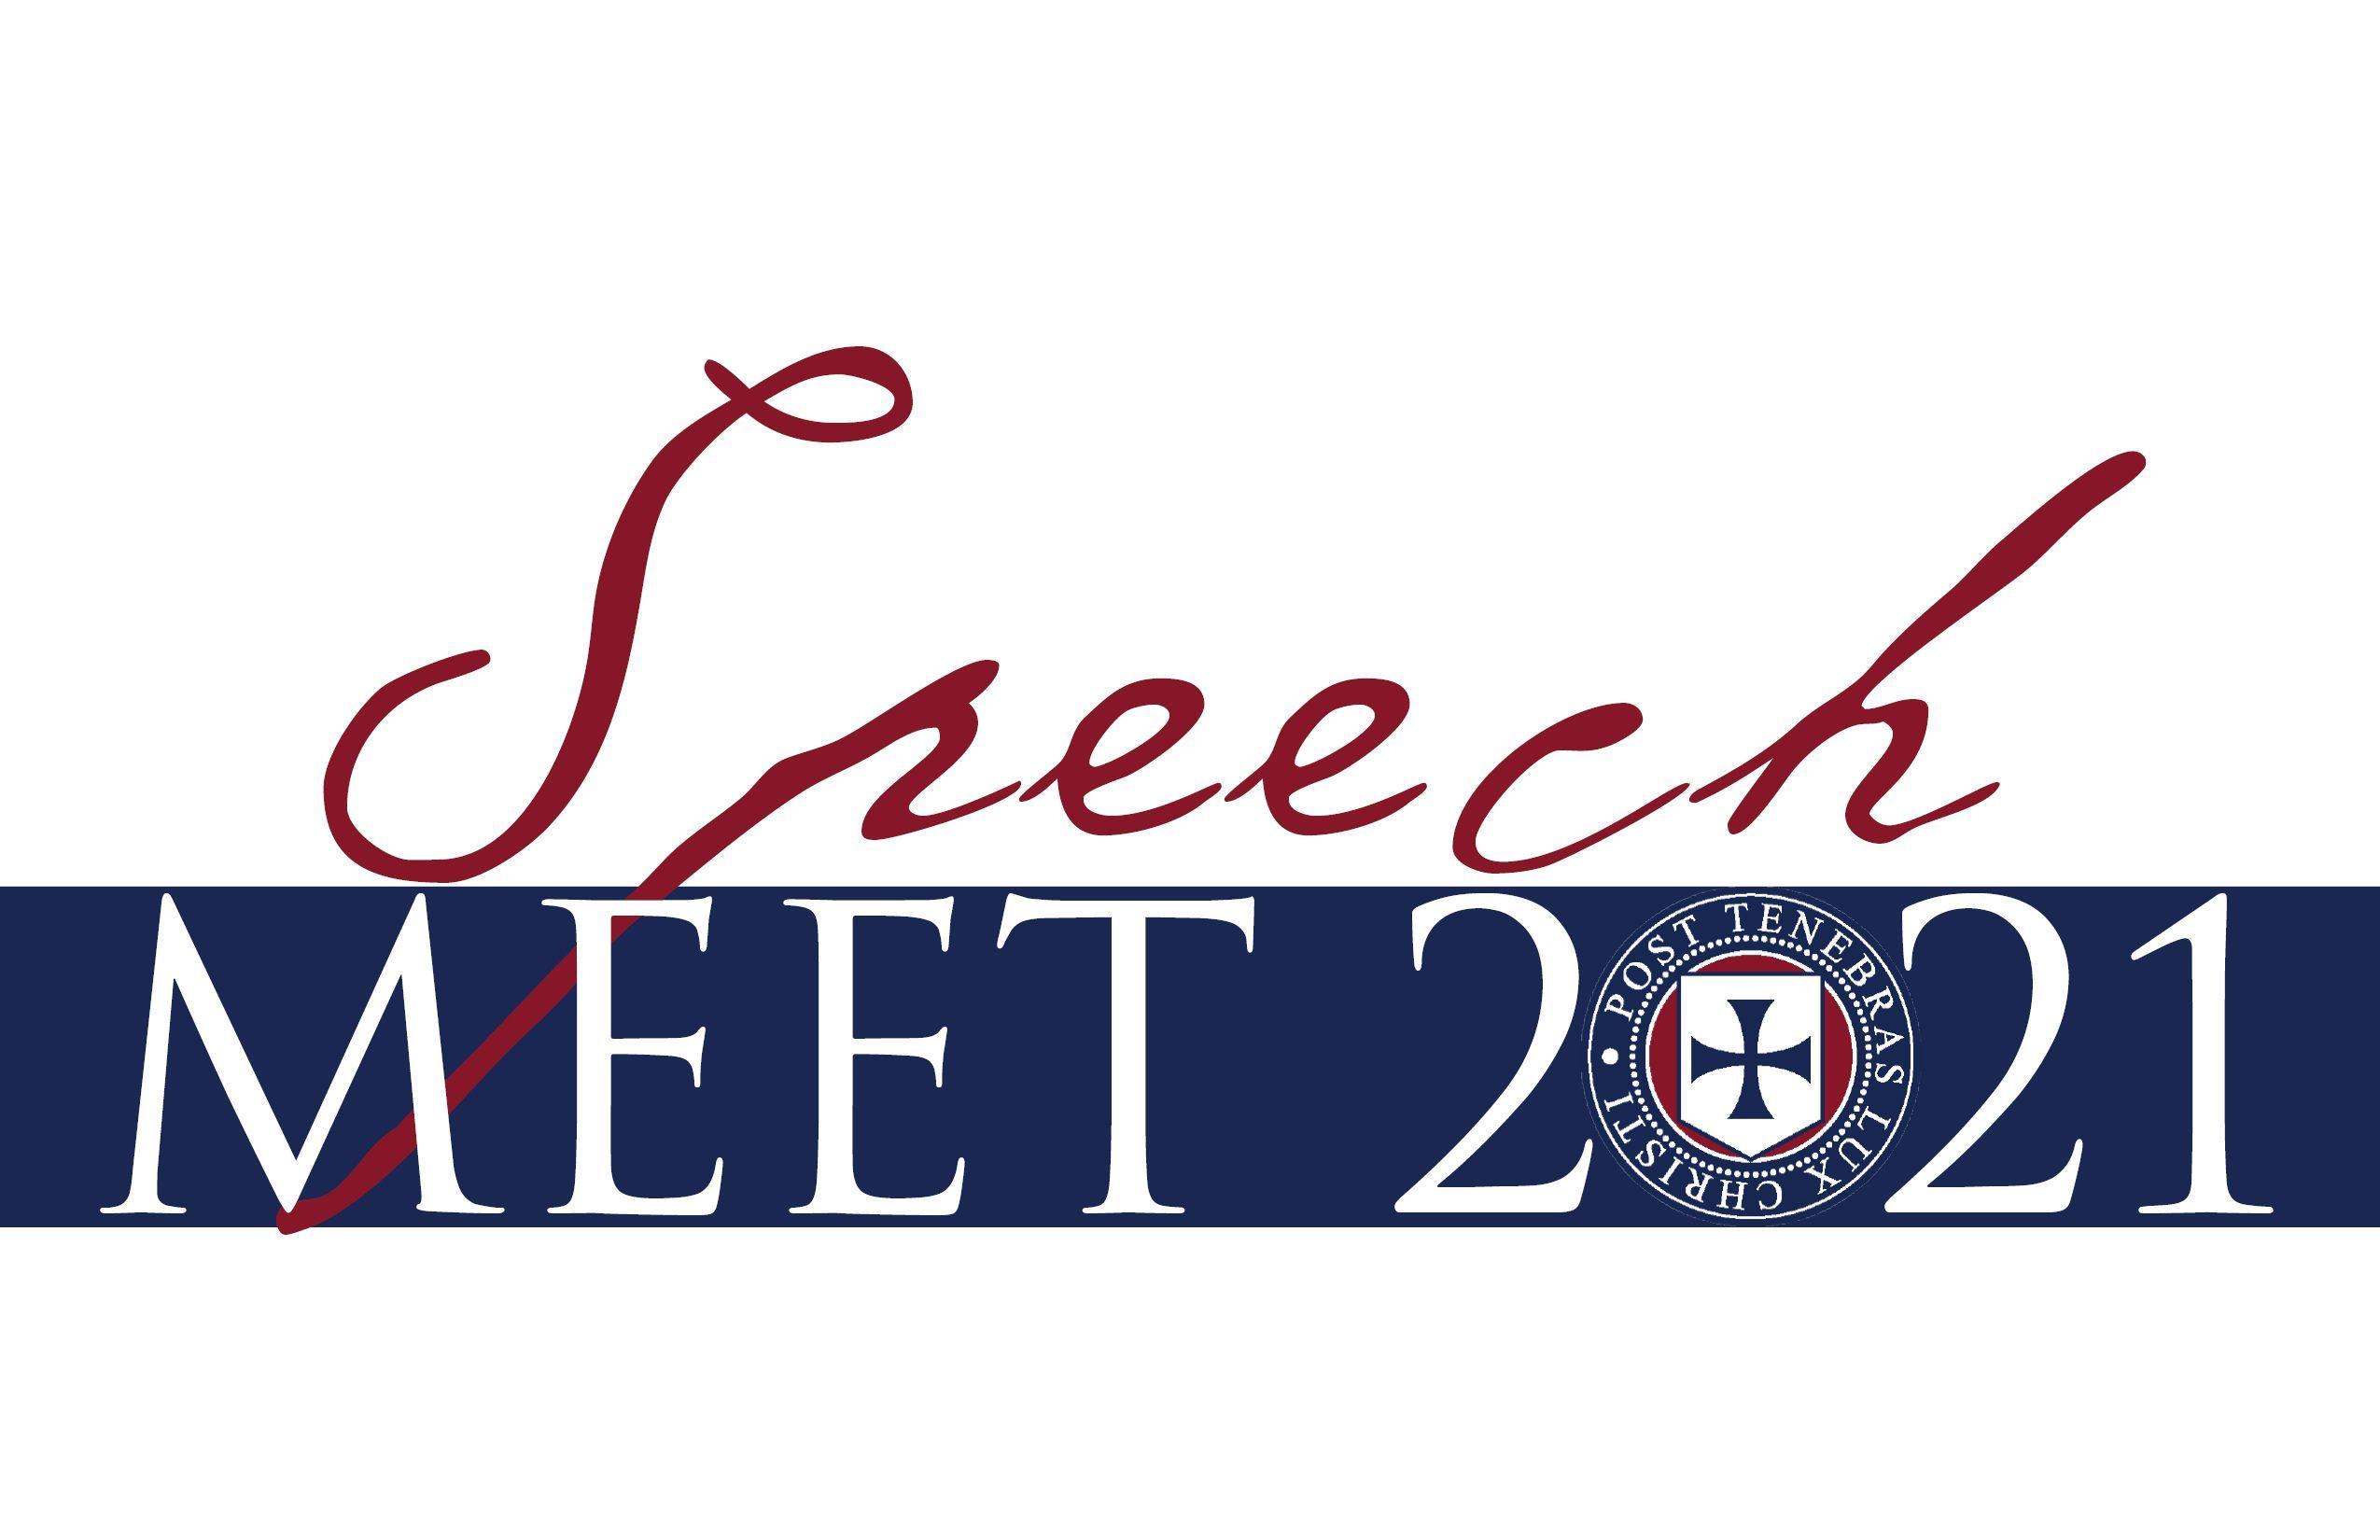 2021 Speech Meet